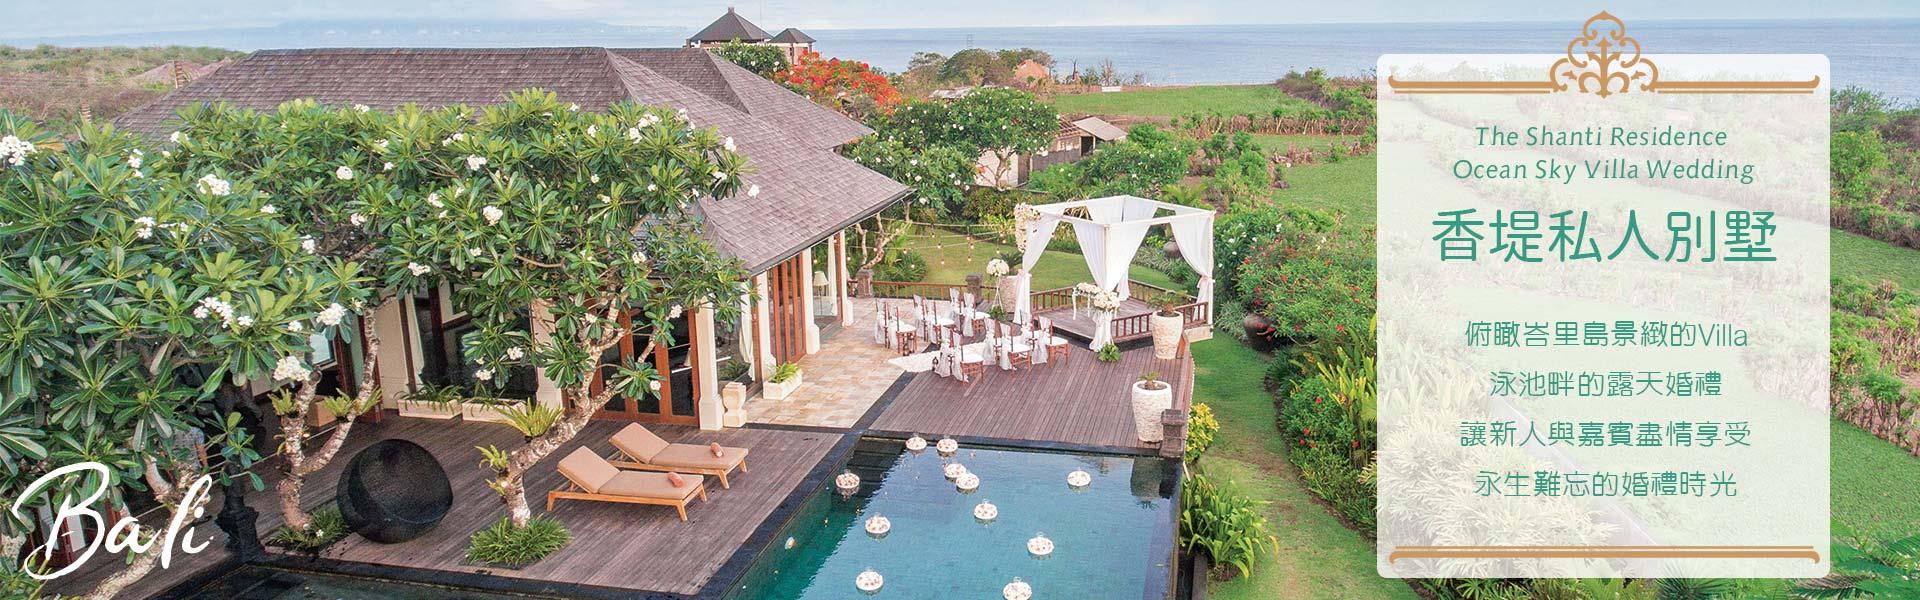 峇里島婚禮~香堤私人別墅